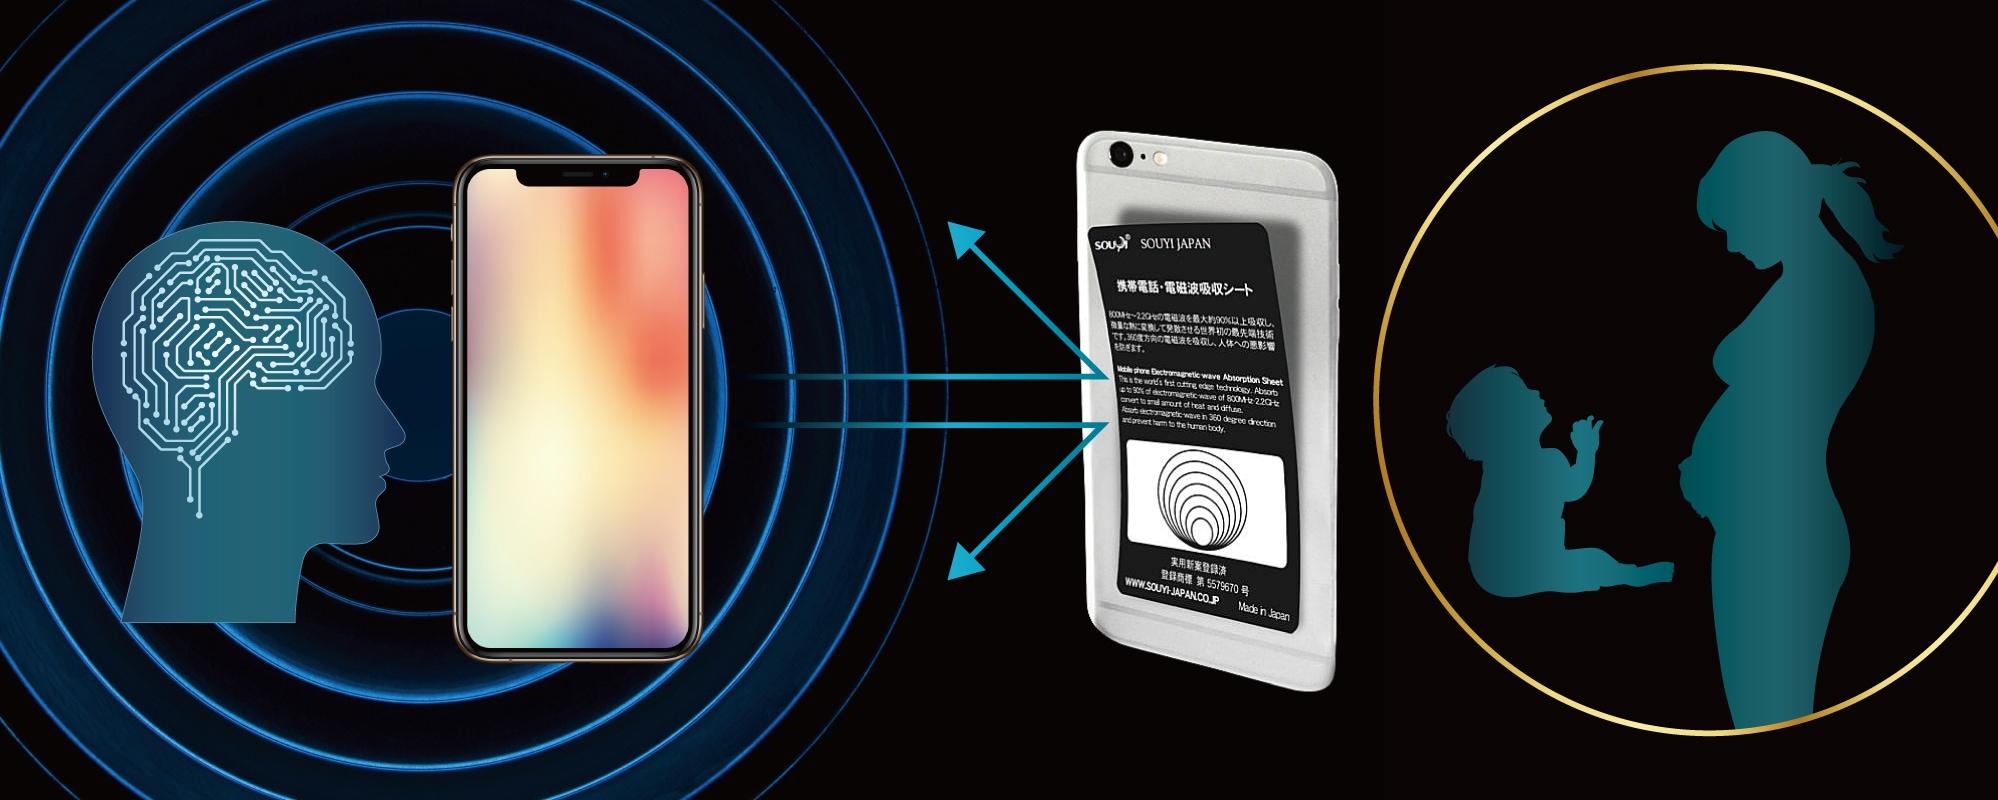 日本製 まとめ買い 電磁波防止シート 360度 最大90%吸収 世界的な検査機関で評価 スマホ用 | 電磁波防止 電磁波 防止 電磁波カット シート カット ケータイ グッズ スマホ スマートフォン シール 干渉 防止 干渉防止 5G  iPhone 12 iPhone 12 mini Apple